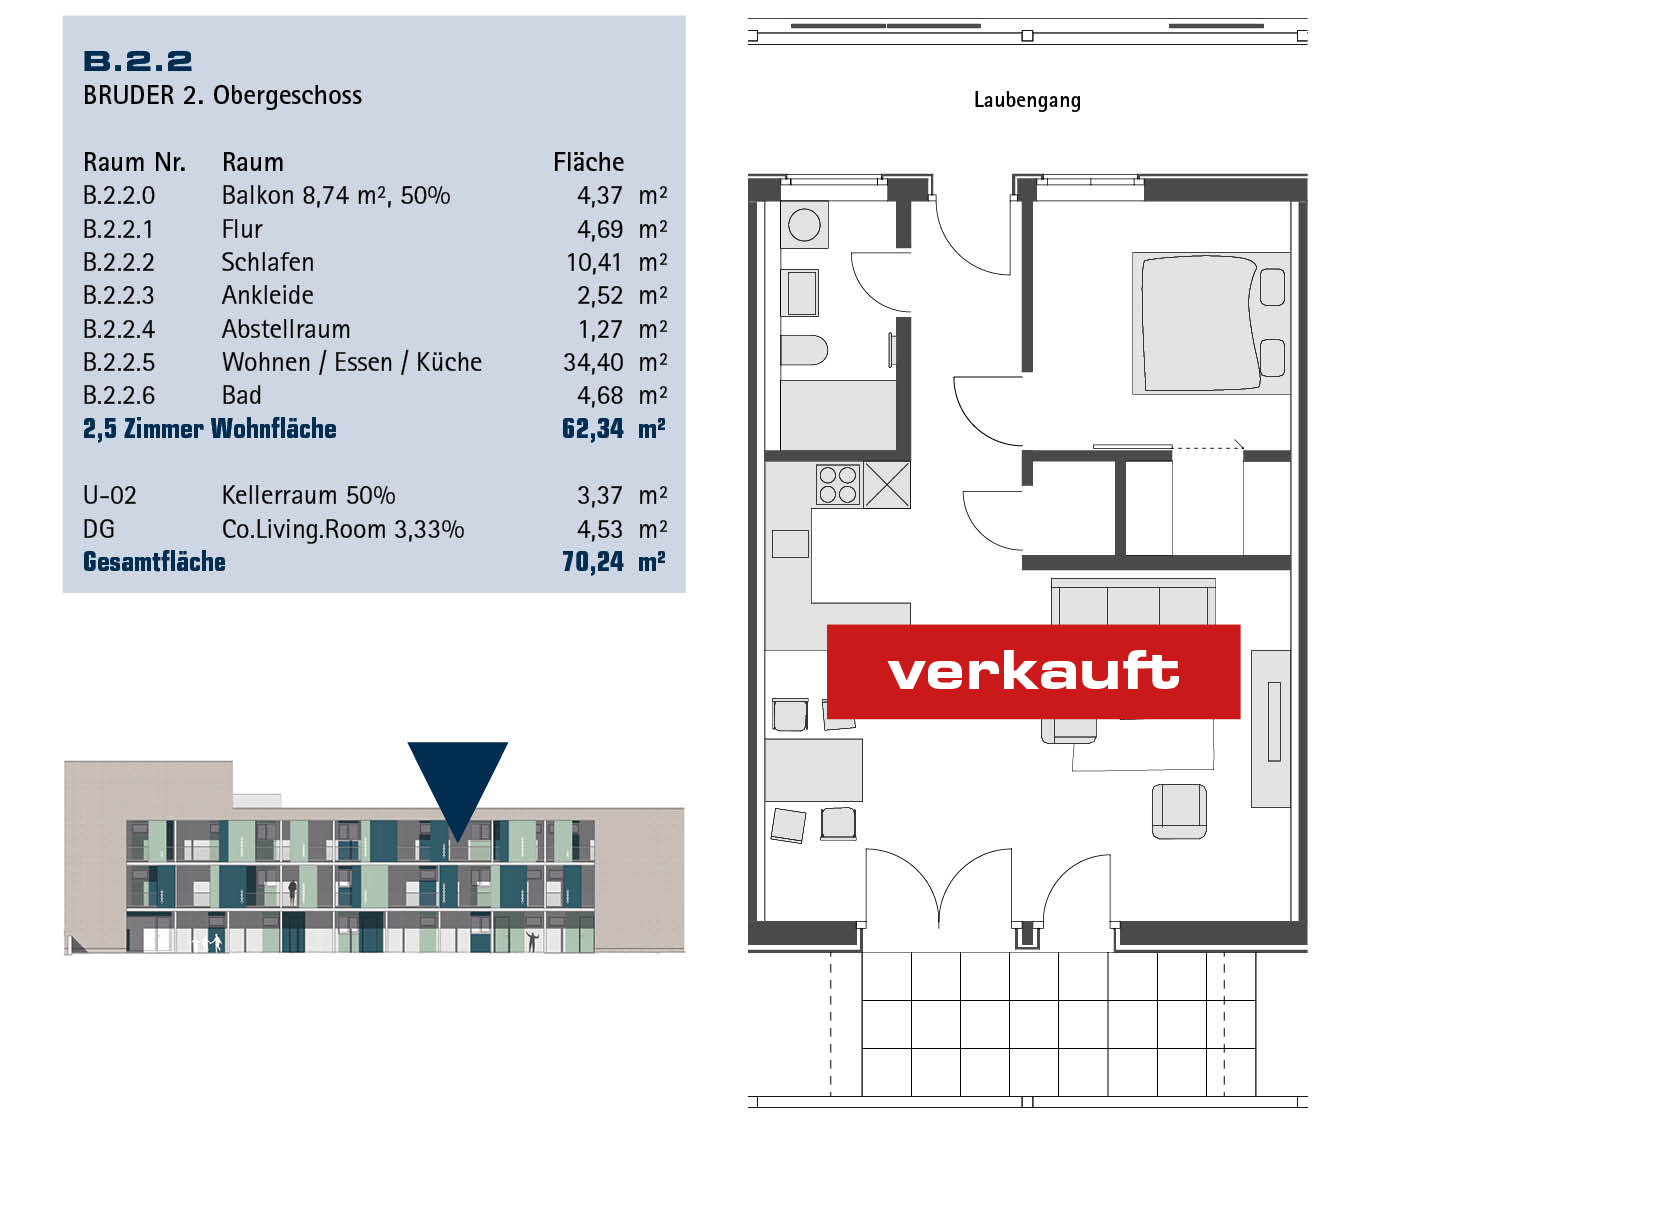 Schlosser-Sonnenrain-Stadtquartier-Grundriss-Bruder-22_verkauft